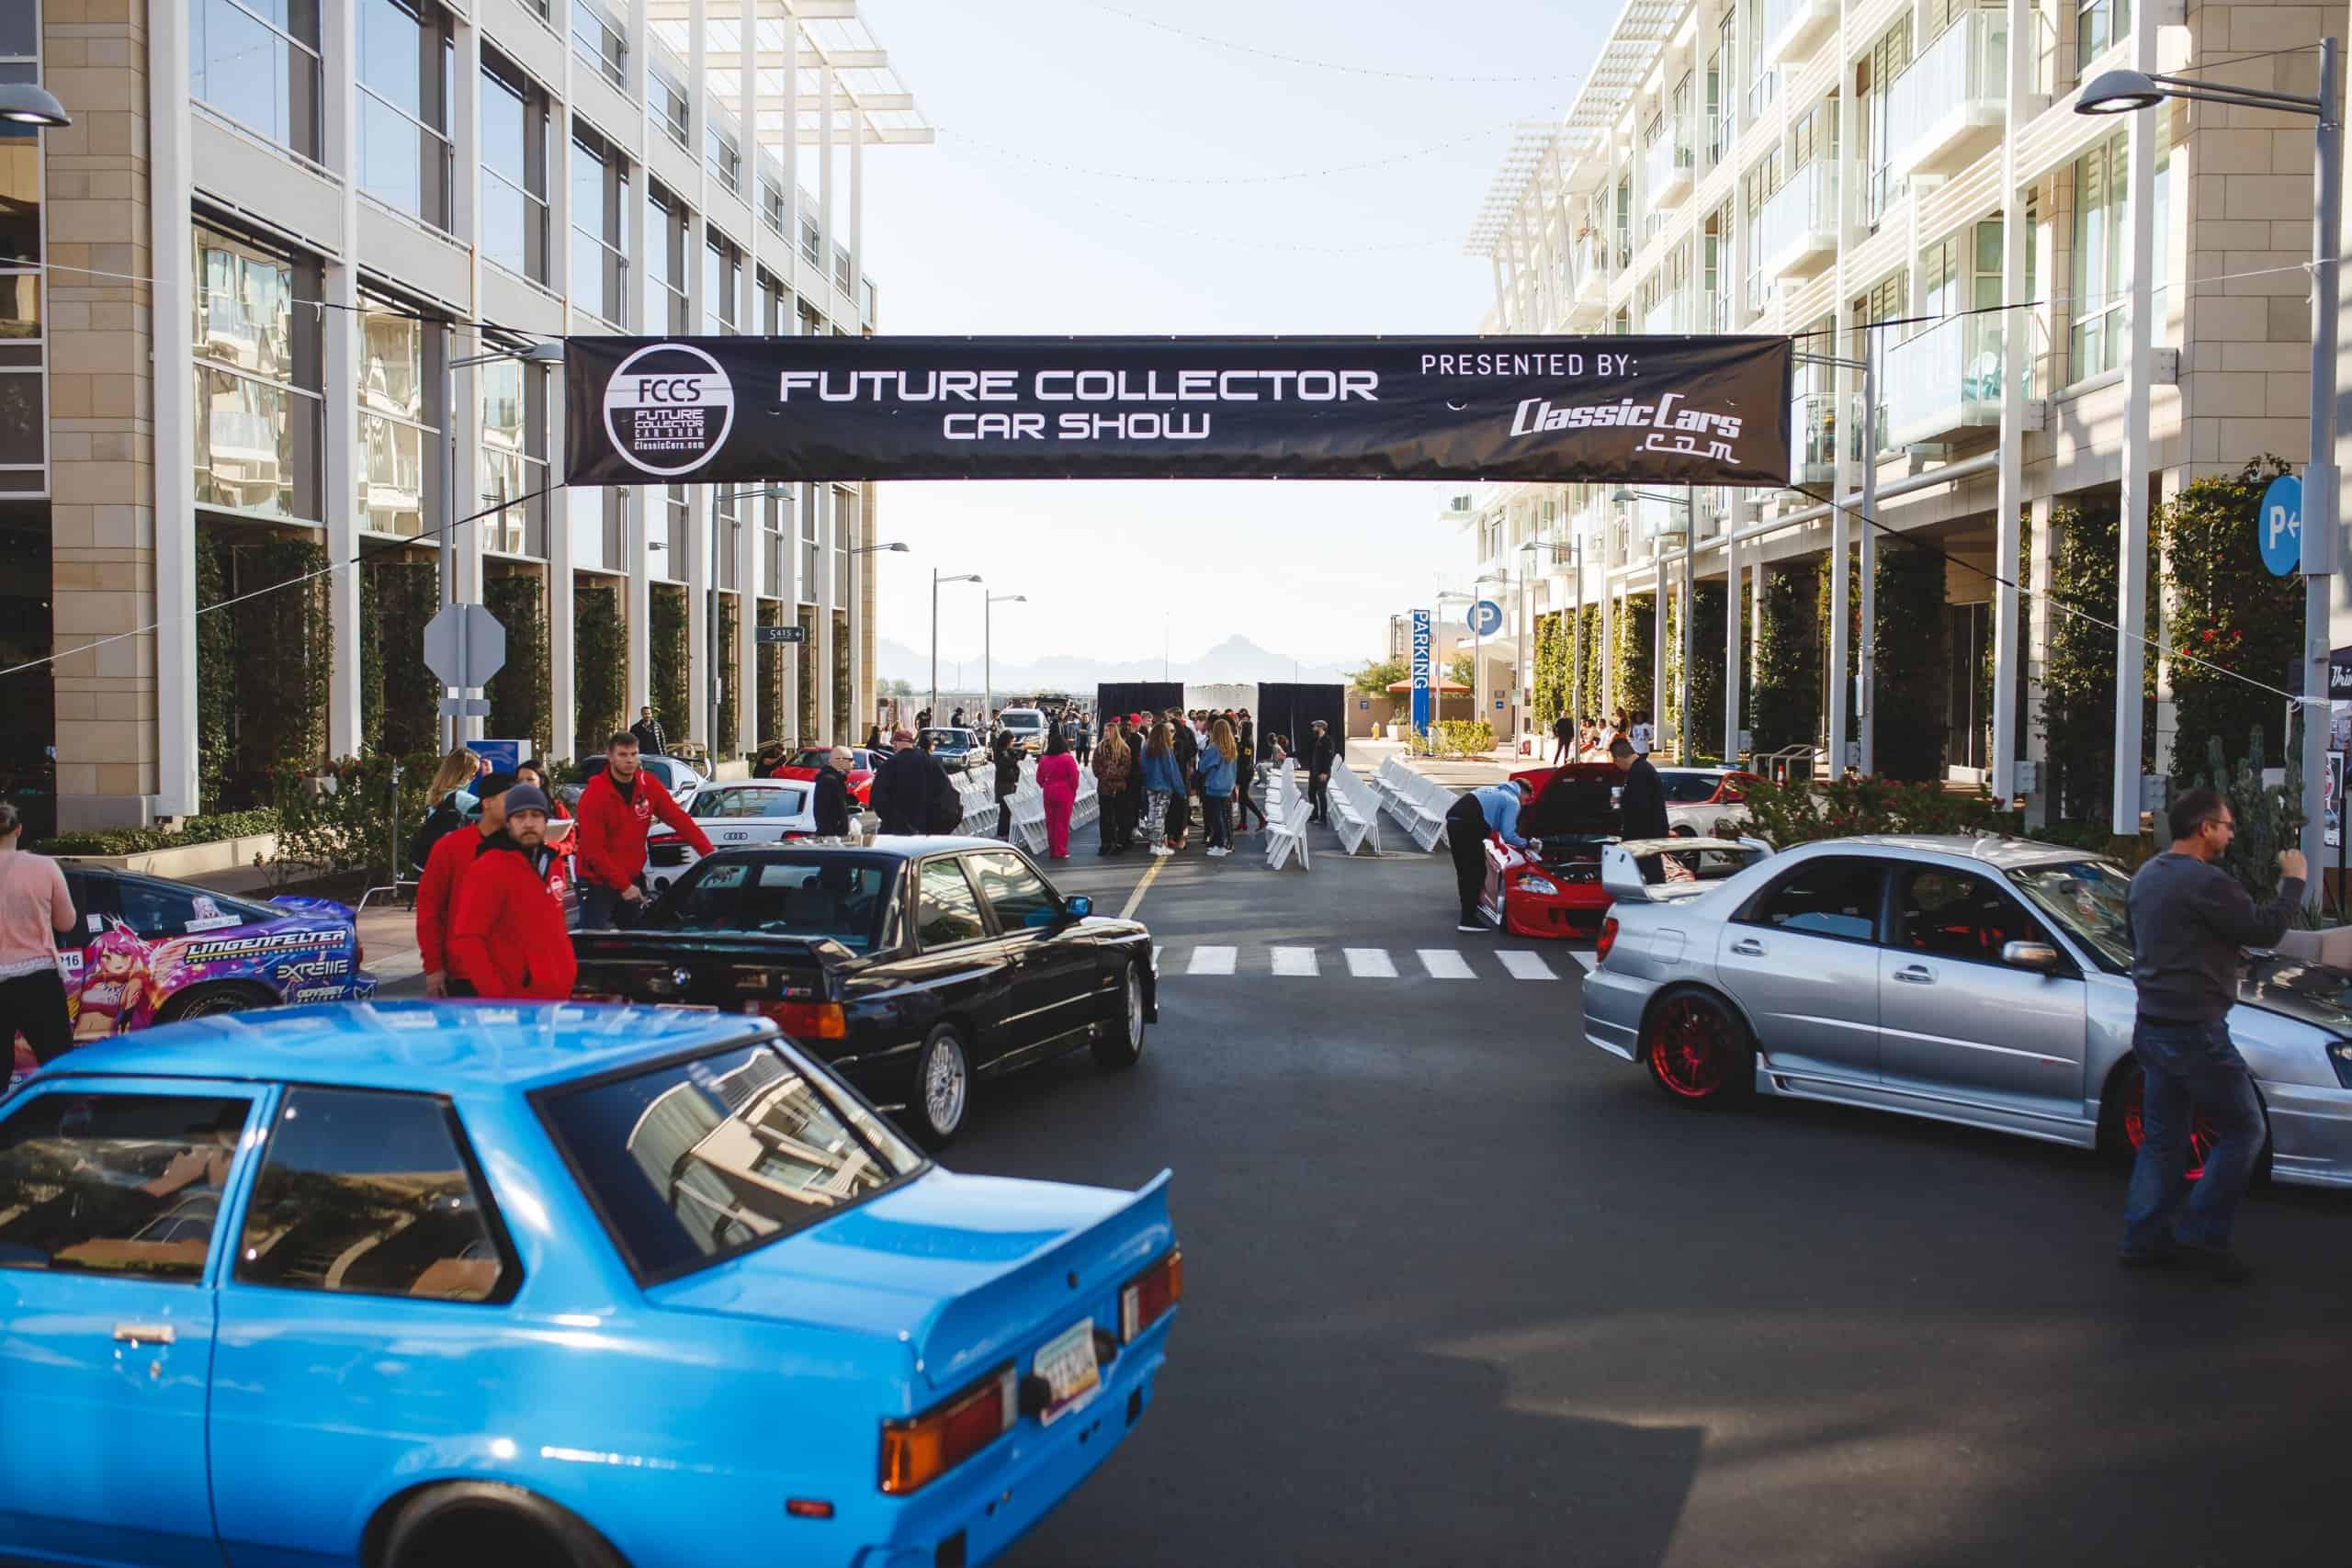 Future Collector Car show 2020